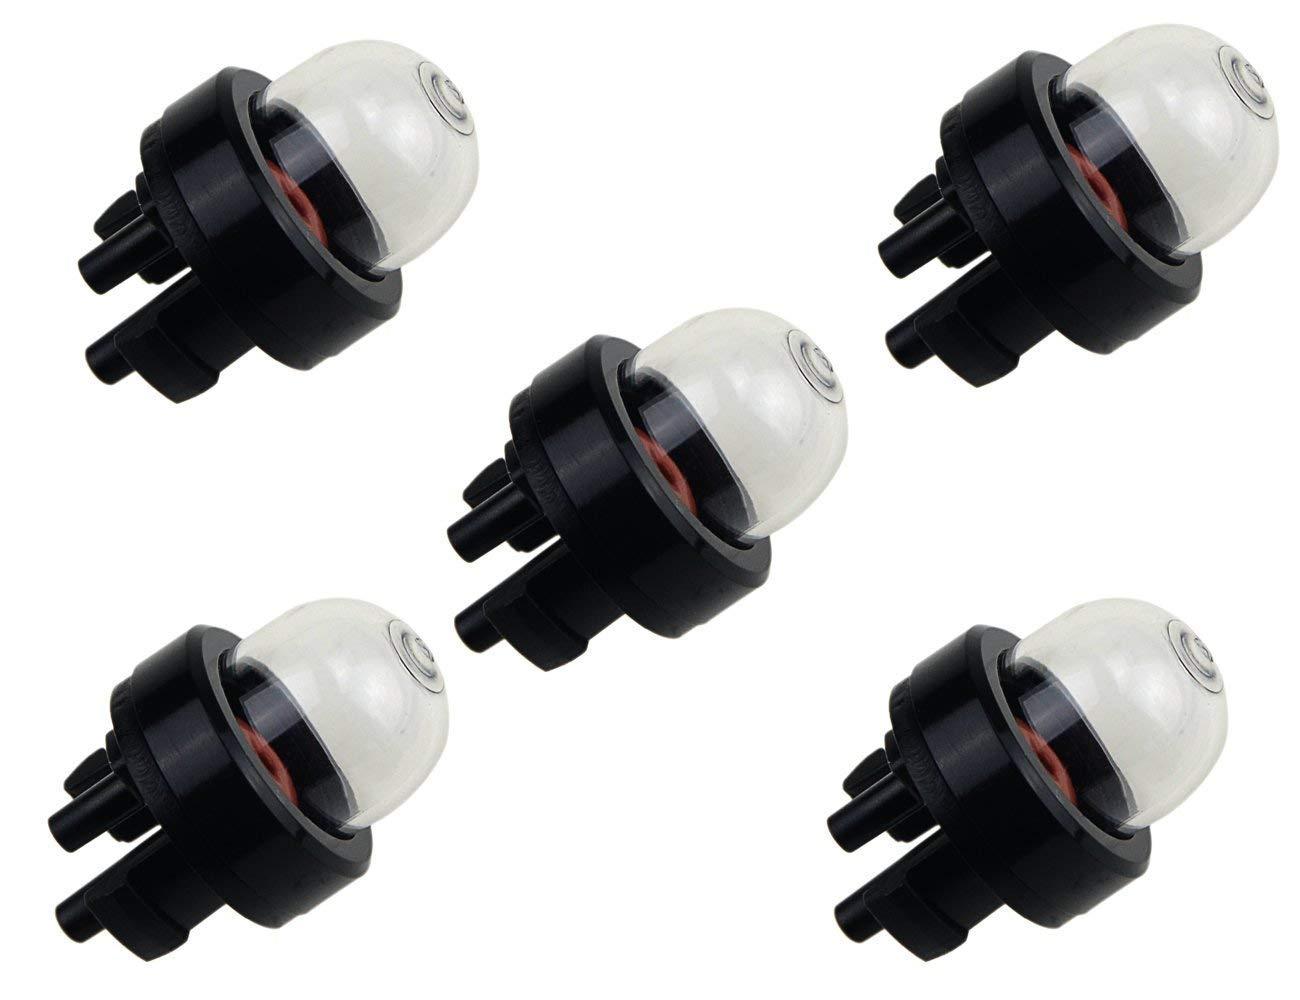 Queta Lot de 5 Pompes d'Amorçage Snap in poulan 530071835 530047213 carburateur premier bulb convient pour Walbro 188-513,188-513-1,188-518,188-518-1 - (3X2X2cm)